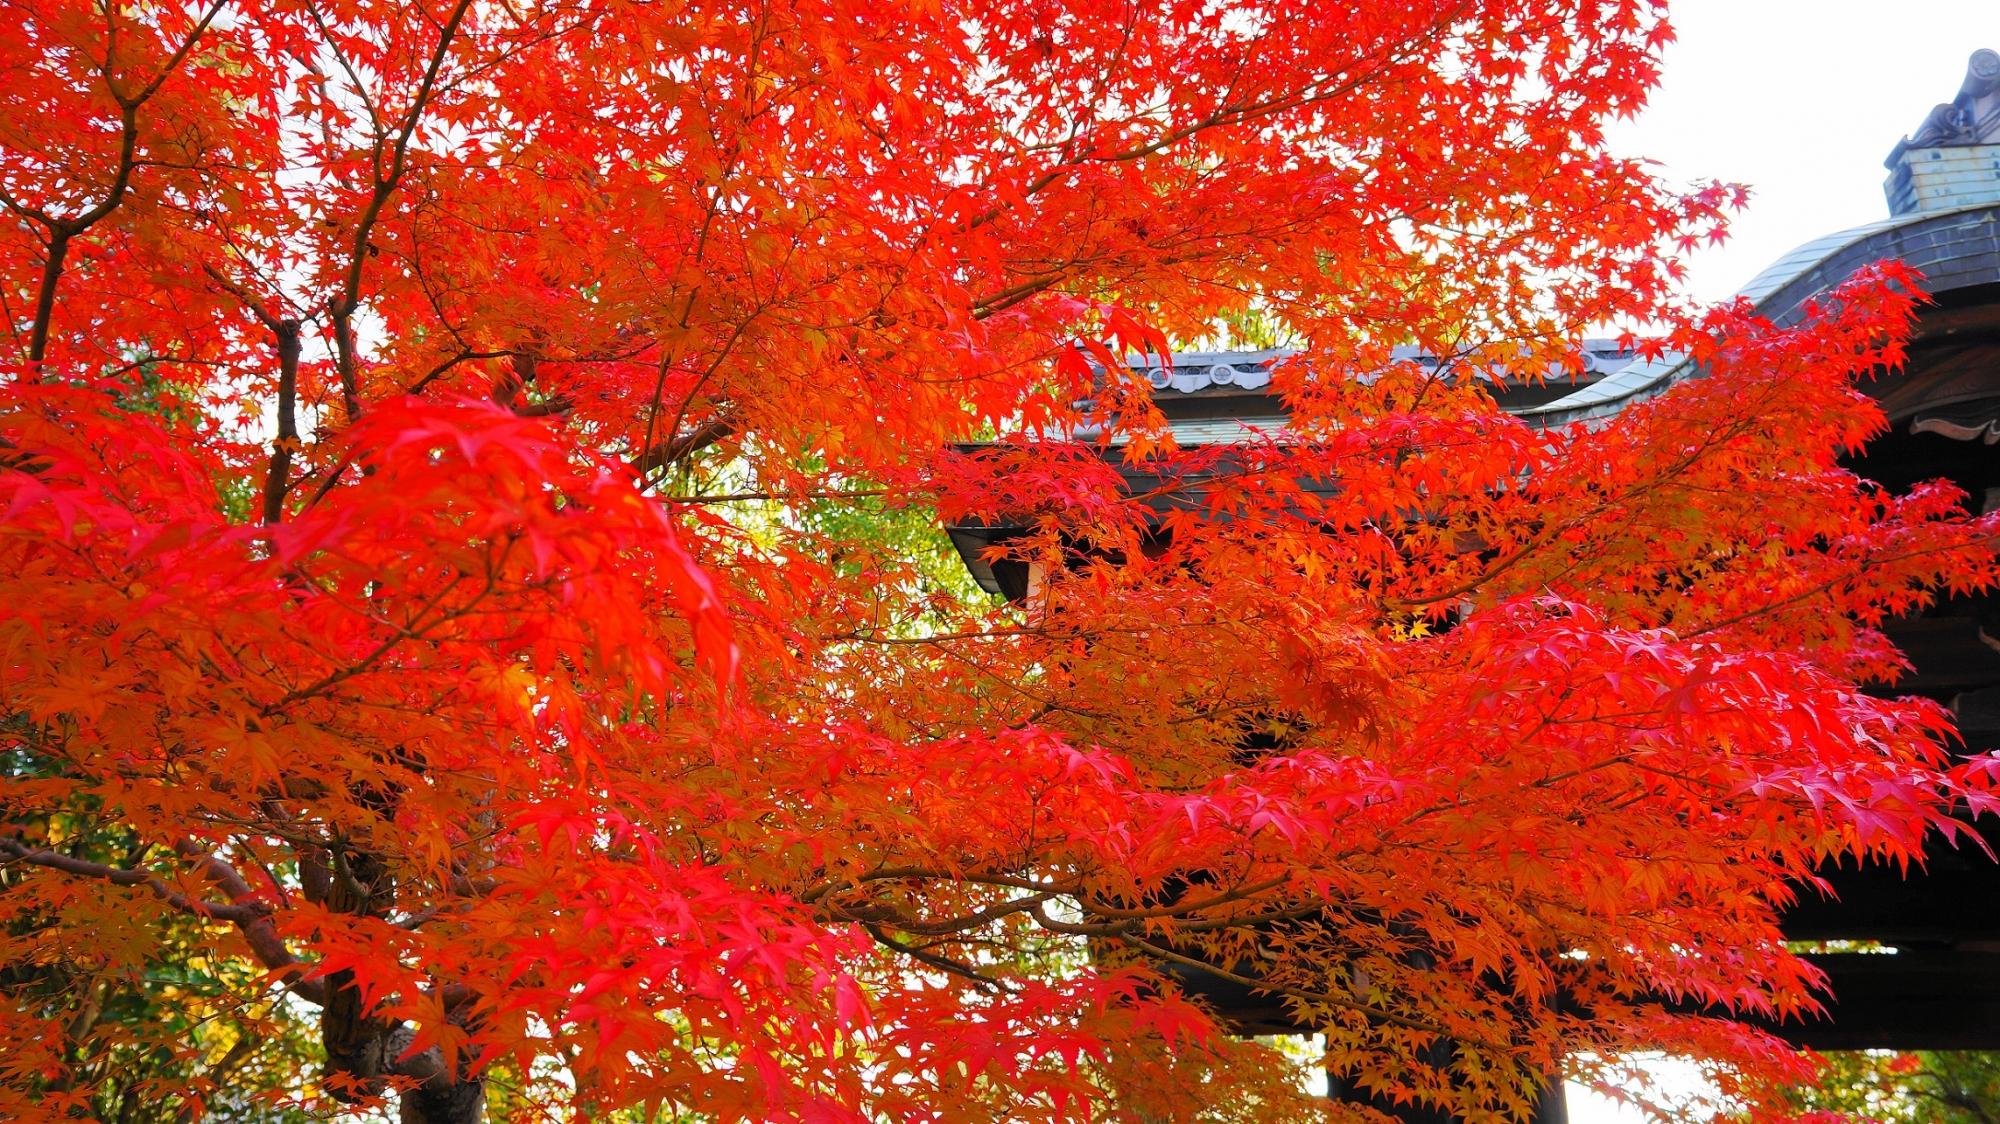 瑞々しく発色も素晴らしい紅葉